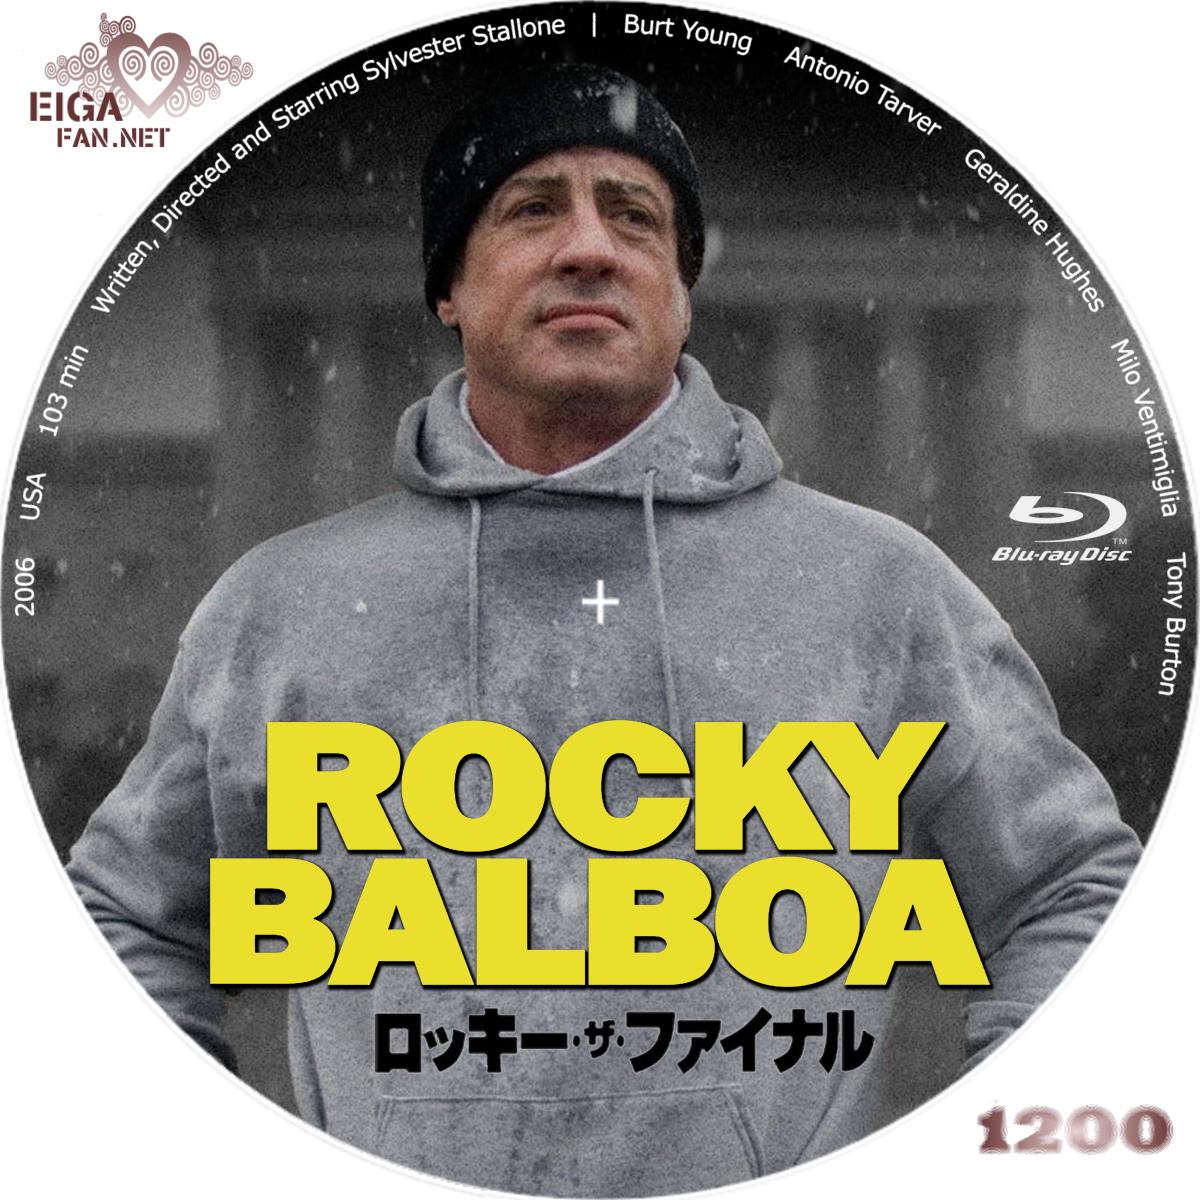 【DVDラベル】ロッキー・ザ・ファイナル/ROCKY BALBOA (2006)